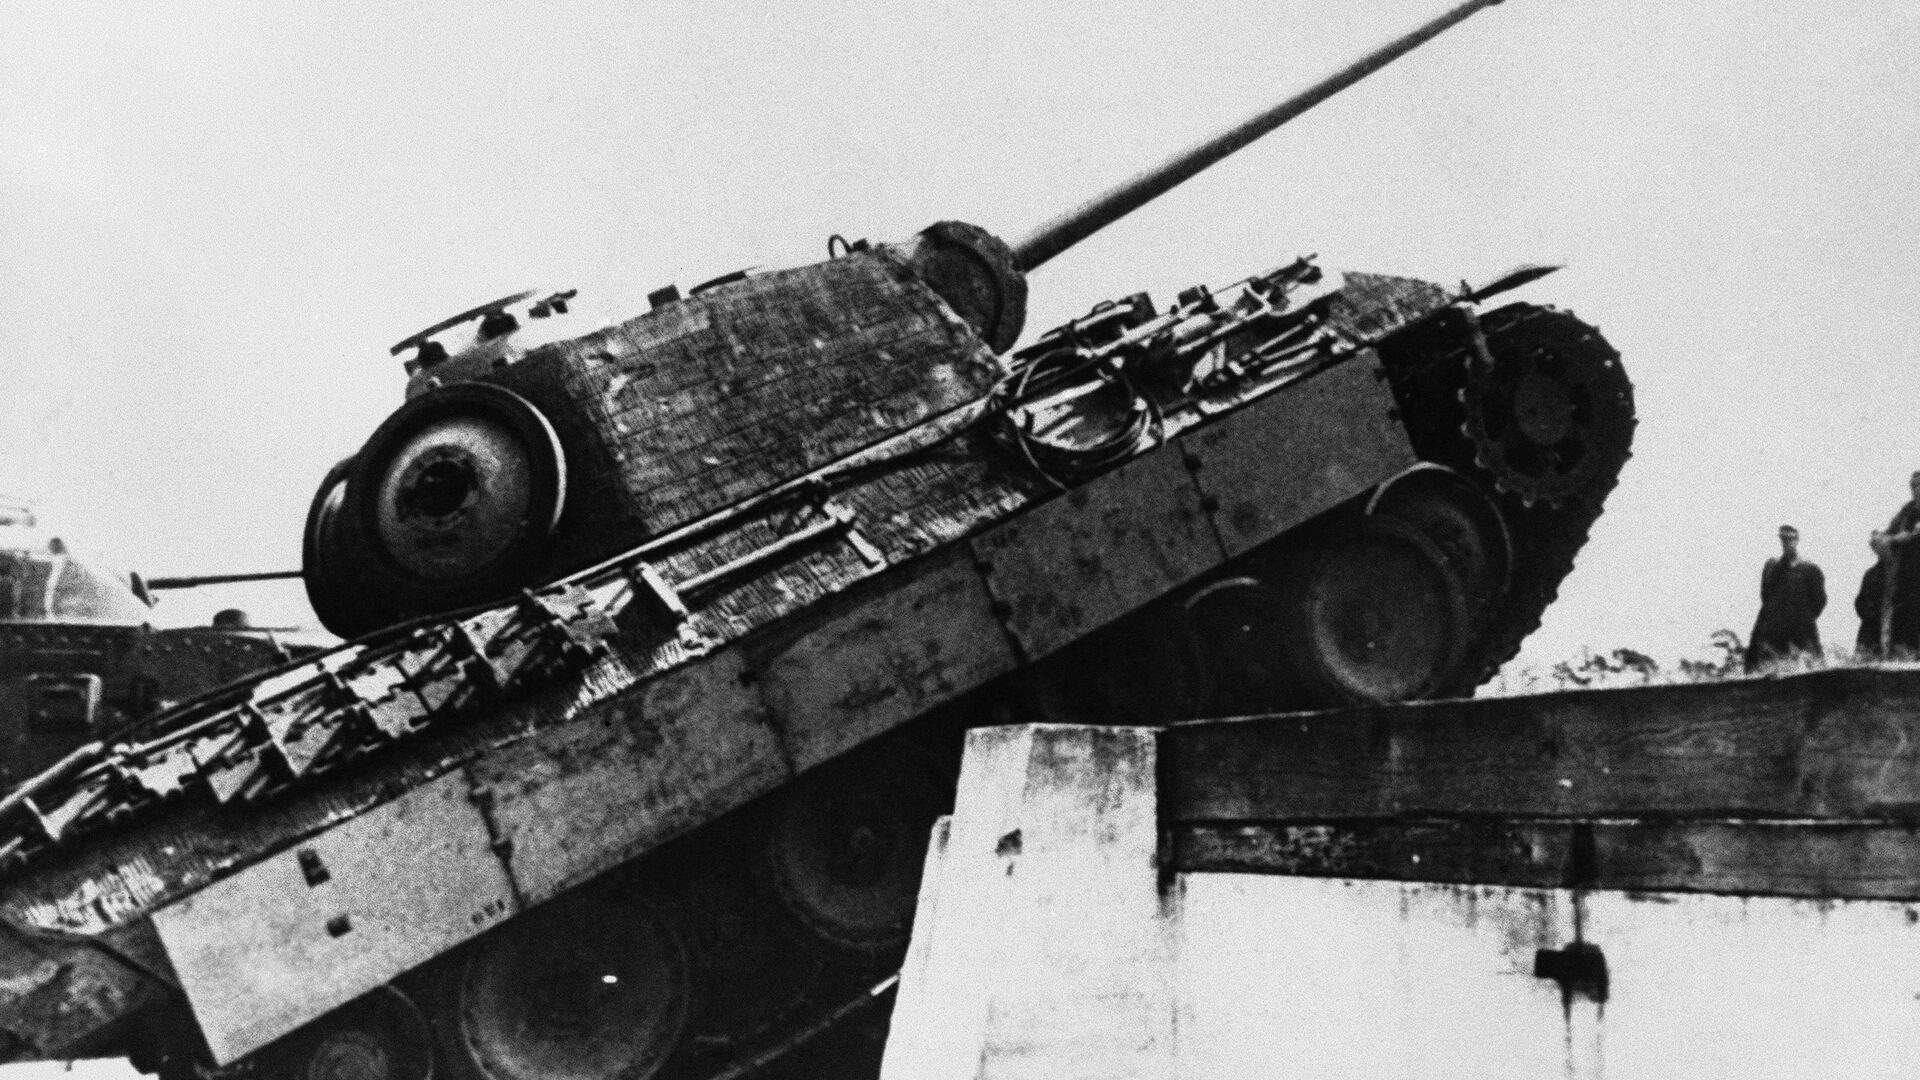 Tank Panther z 2. světové války - Sputnik Česká republika, 1920, 04.08.2021